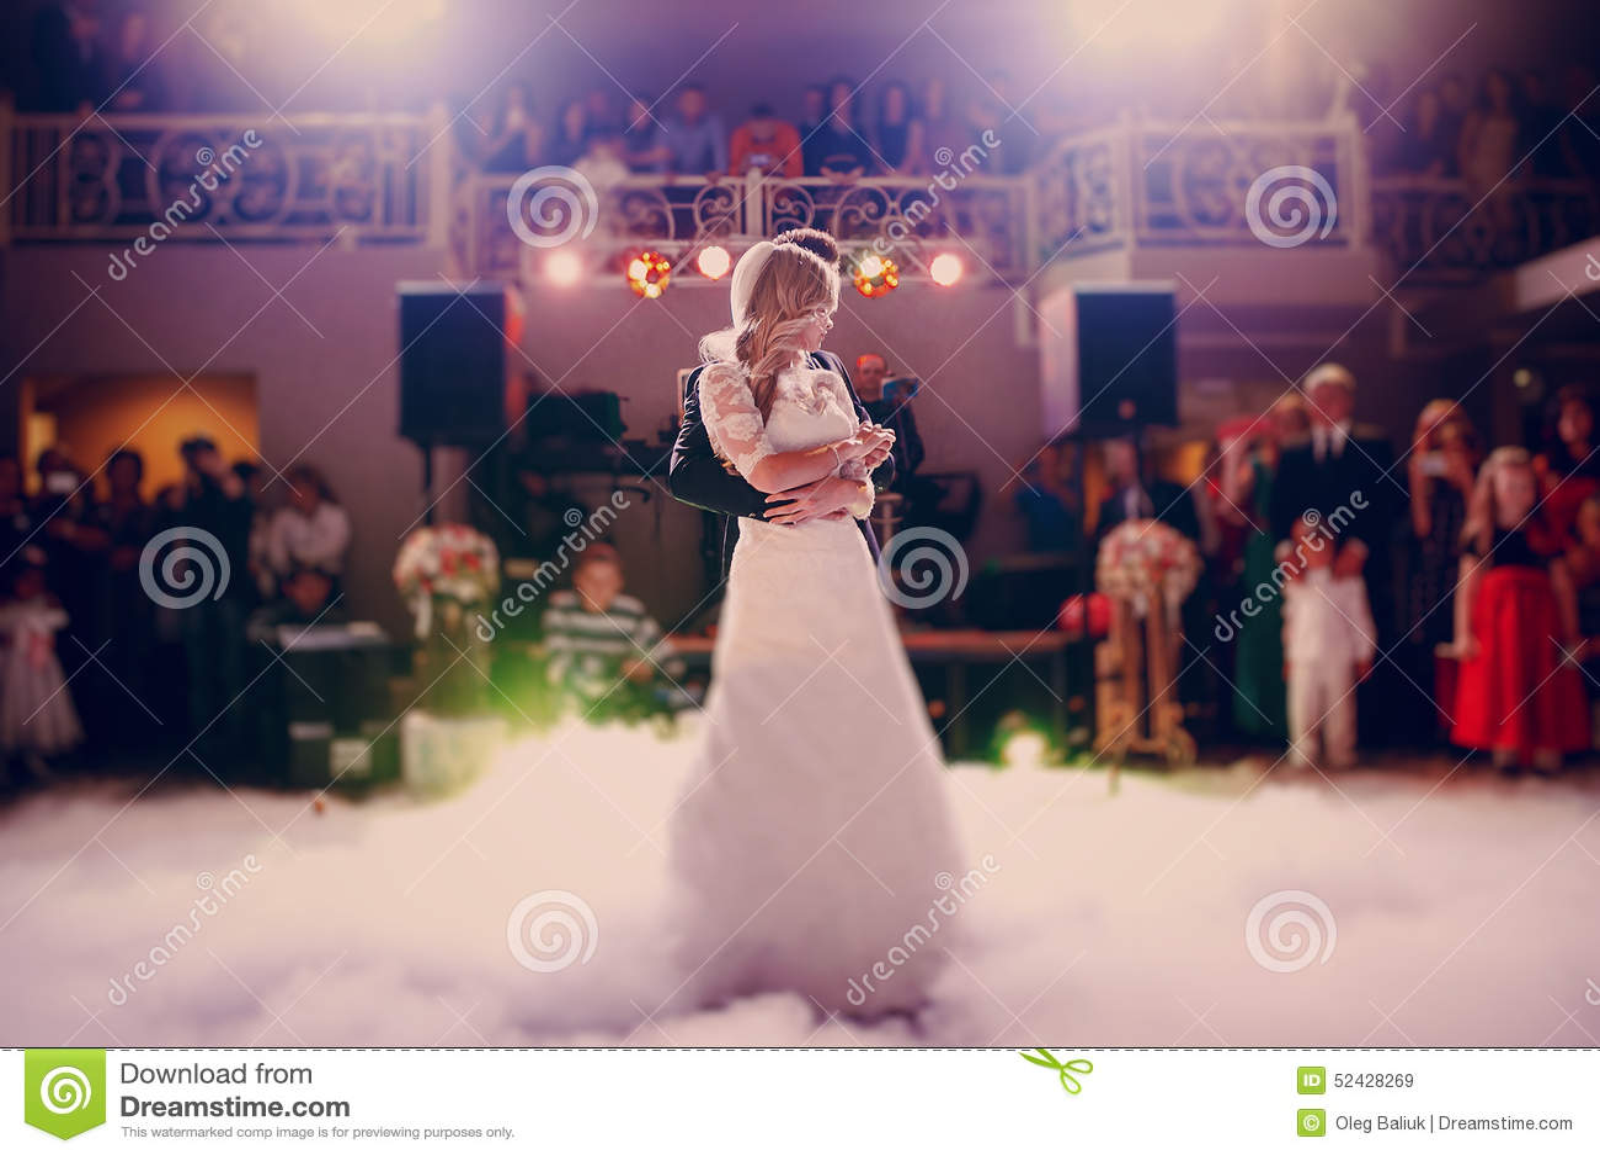 D abord jeune mariée de danse dans un restaurant